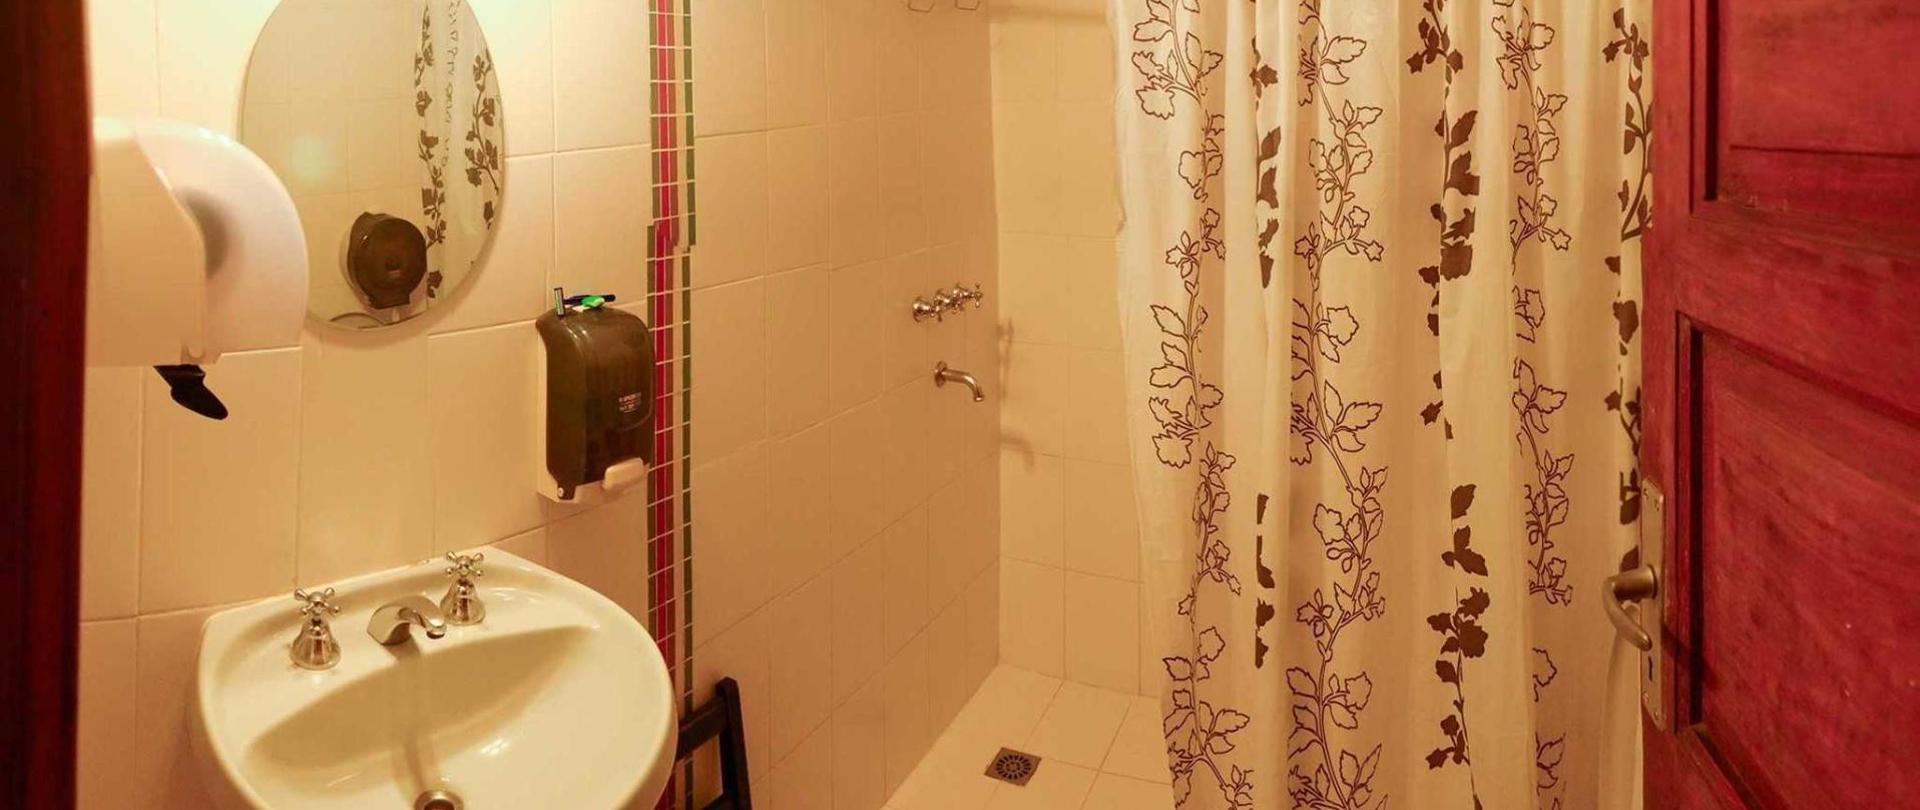 ara7-banho-mujeres.jpg